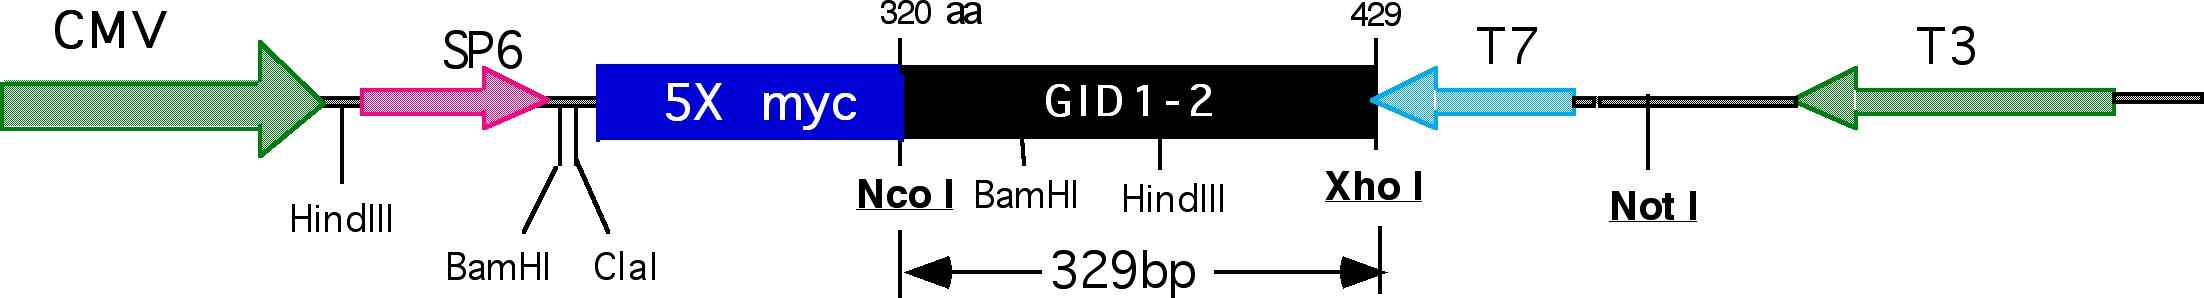 Addgene: Axin GID 1-2/pCS2MT